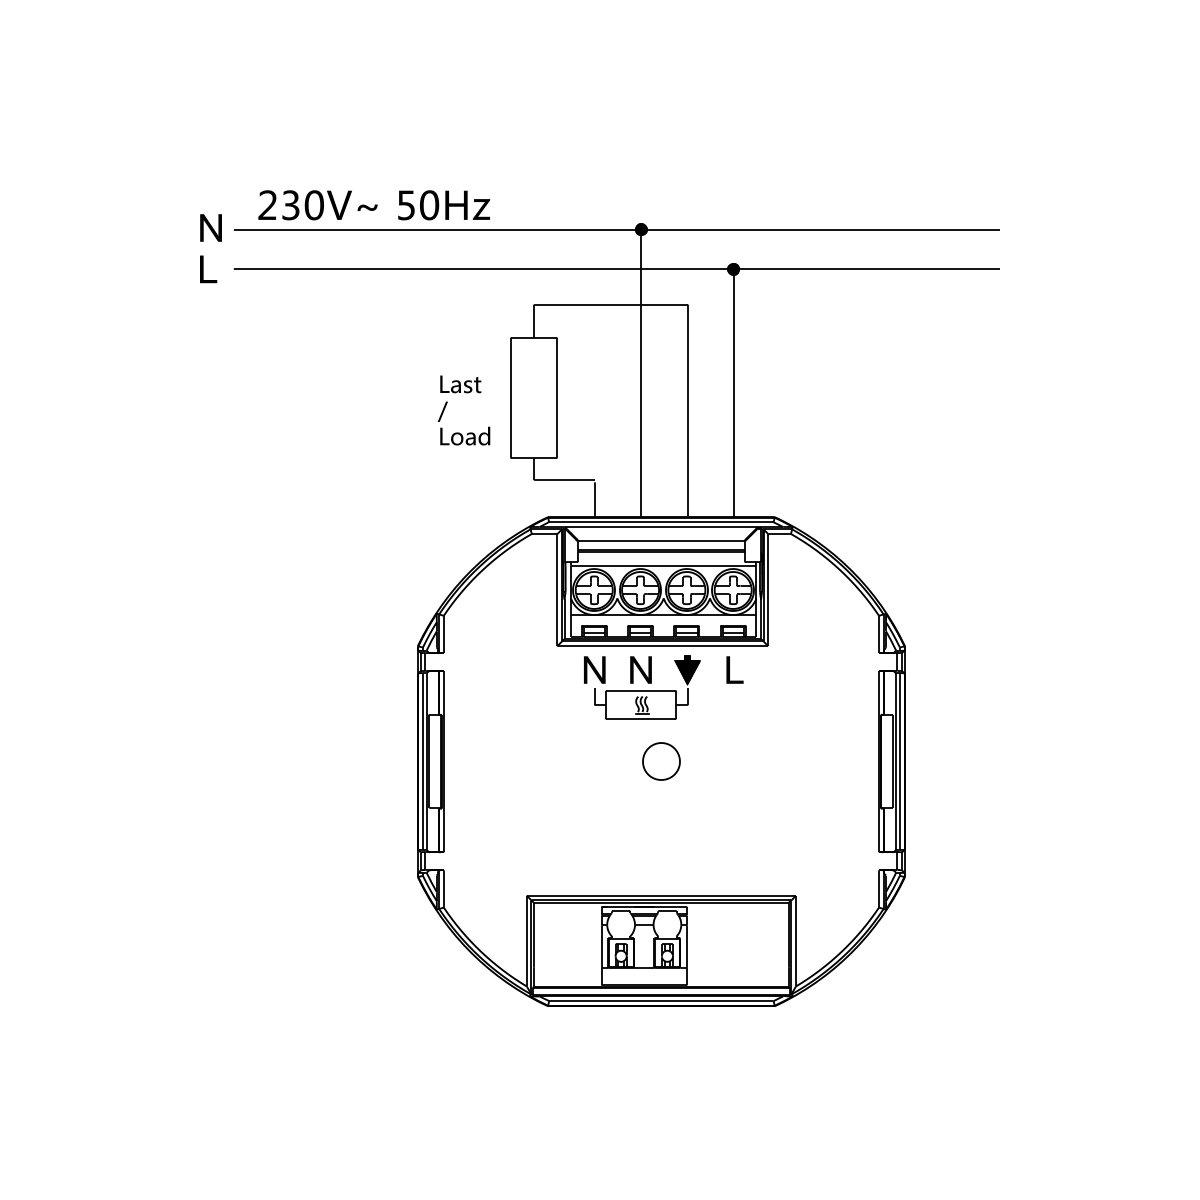 Berker S.1 1-fach Rahmen 10118989 in polarwei/ß glanz f/ür Fu/ßbodenheizung Stellantriebe 230V stromlos geschlossen Halmburger digital Raumthermostat ERD55rg mit gro/ßem Display inkl NC